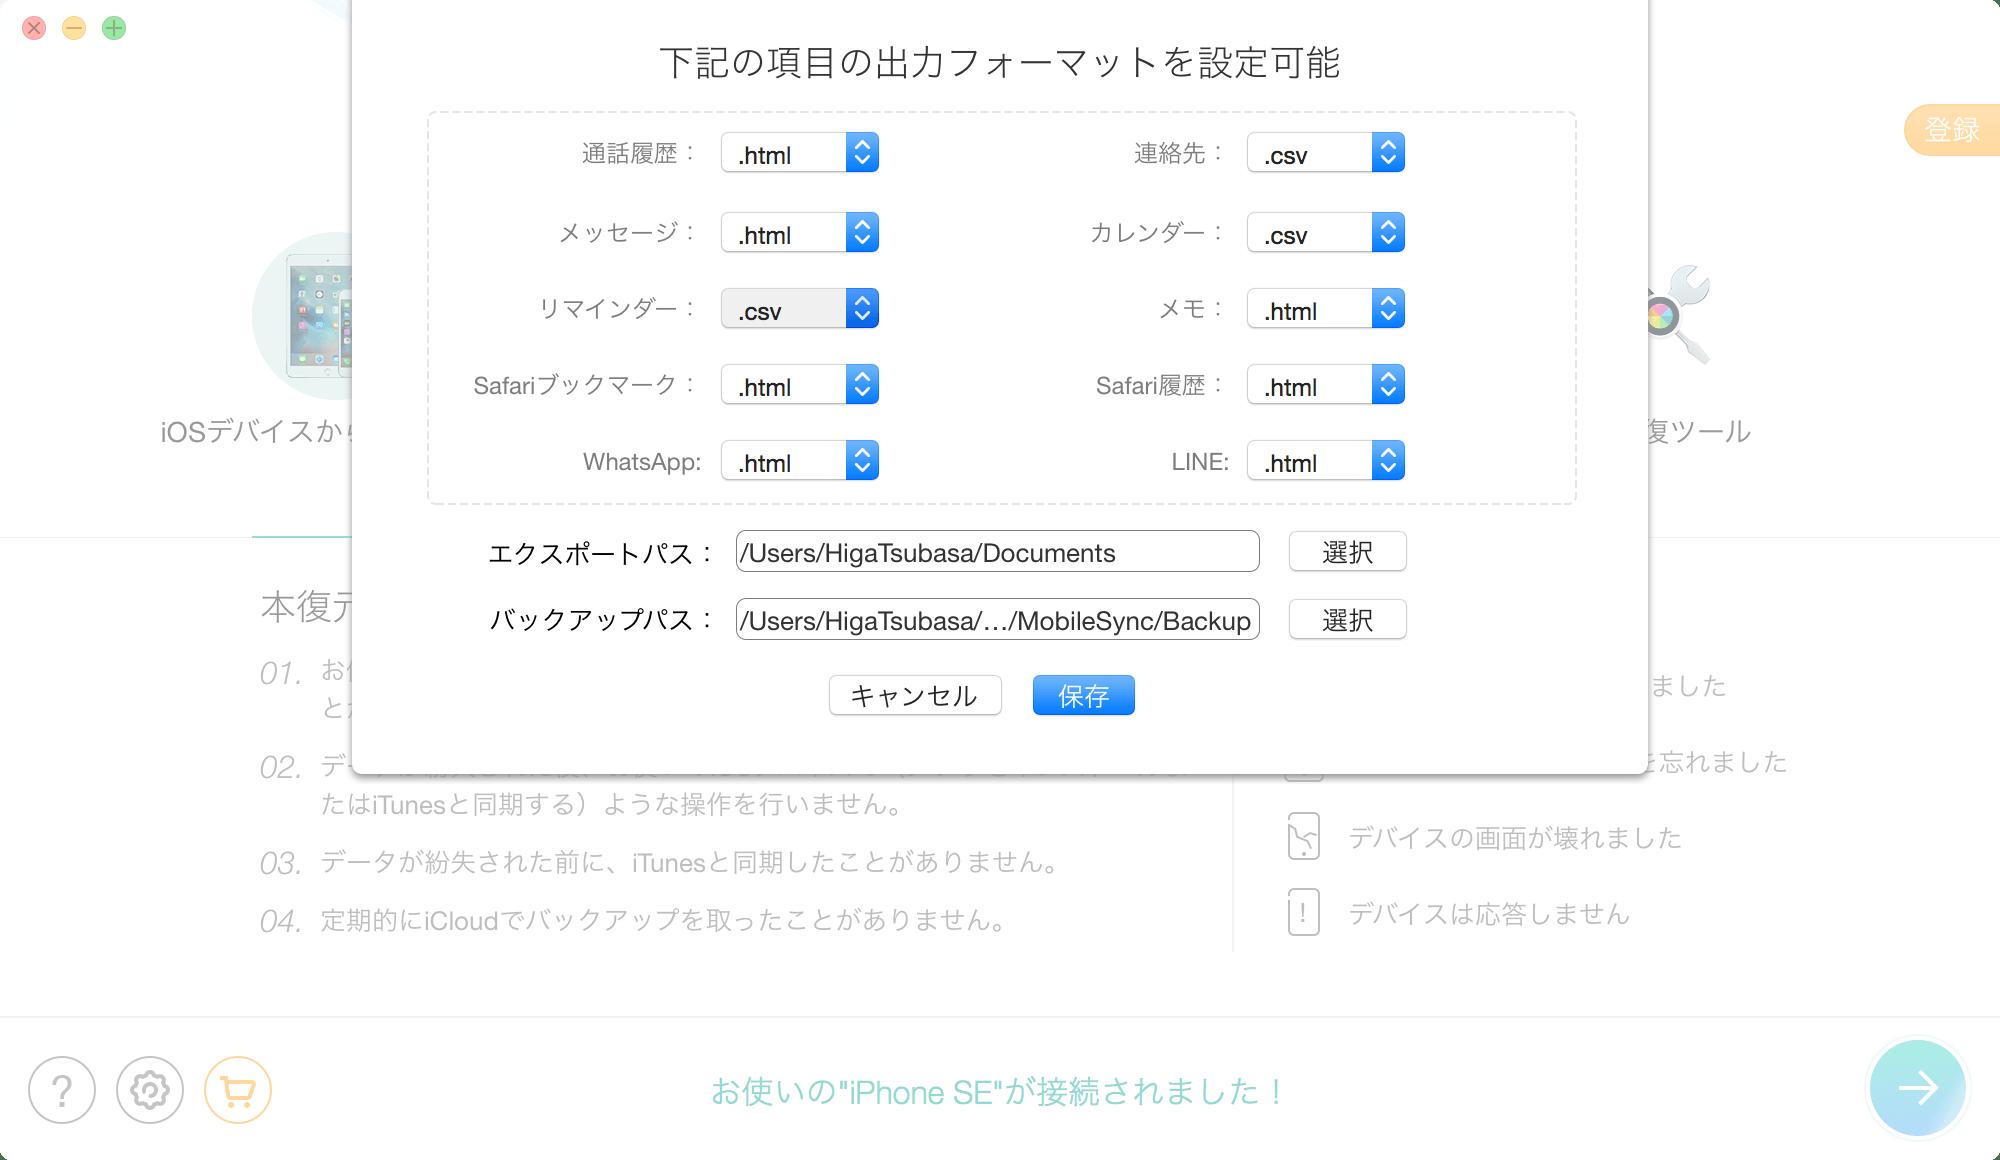 009_20160730-phonerescuere